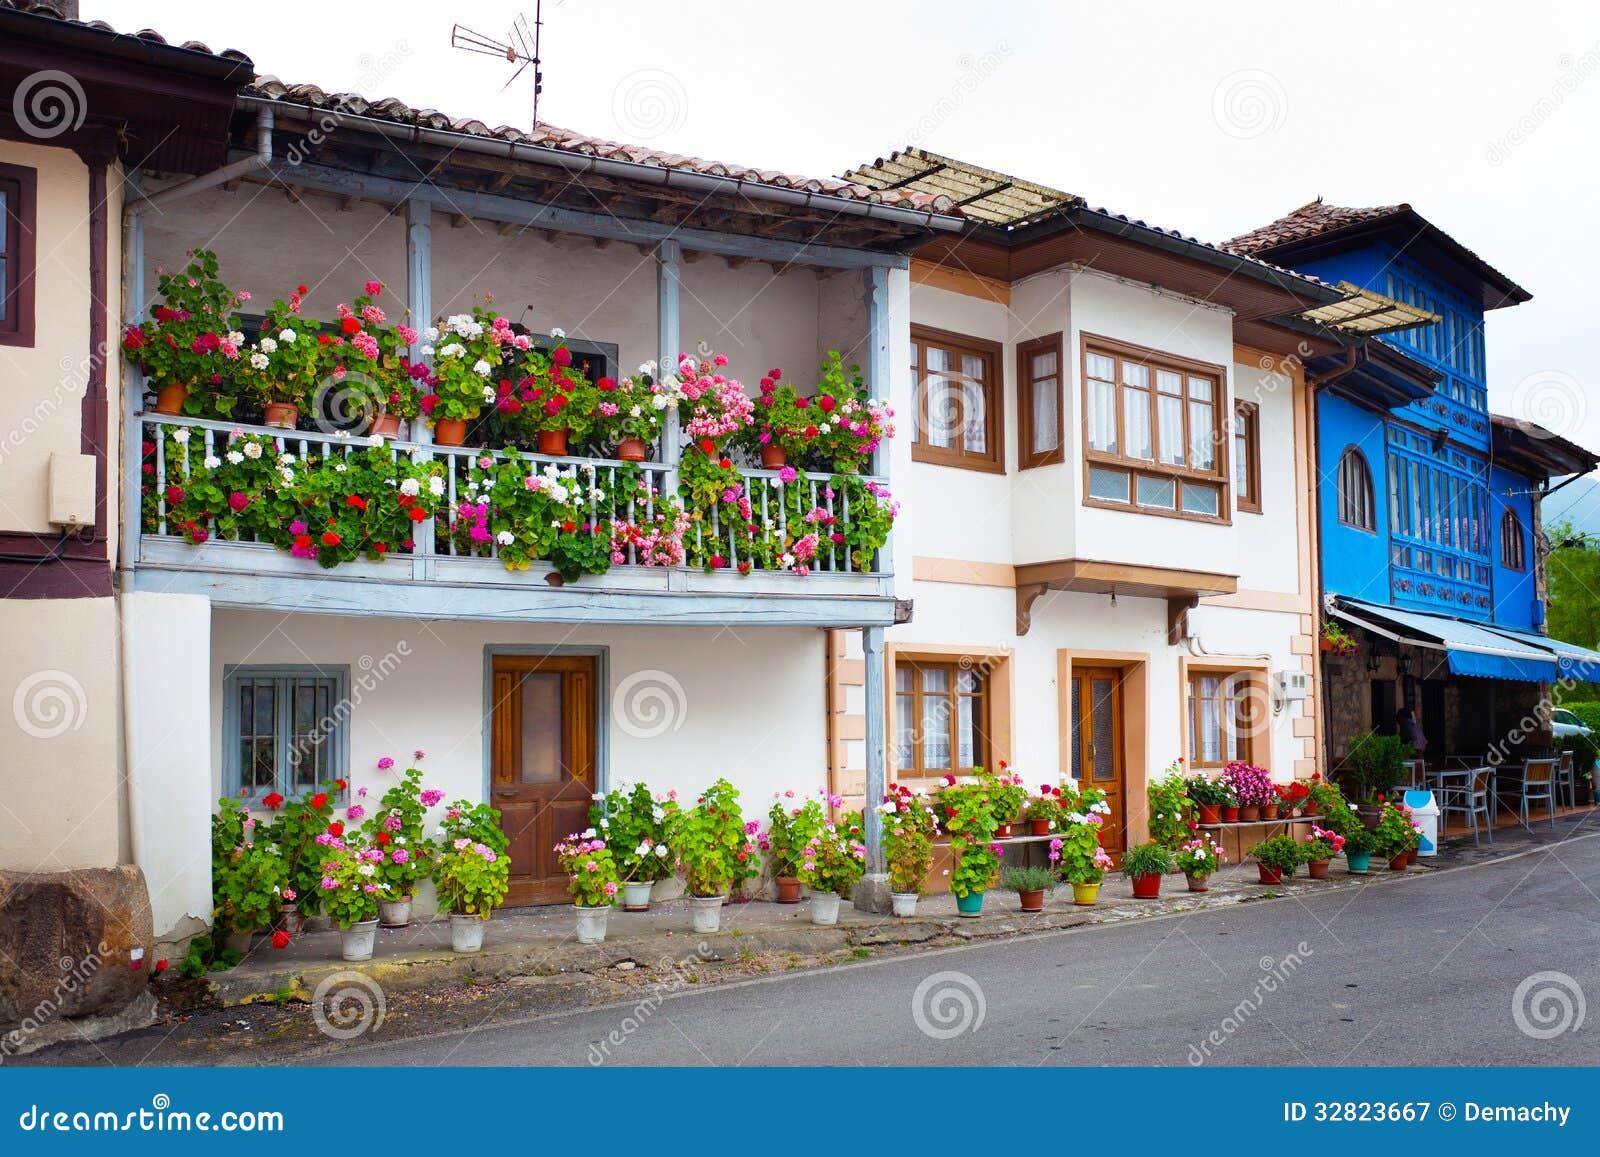 Casas de campo bonitas na espanha do norte imagem de stock - Casas de campo bonitas ...